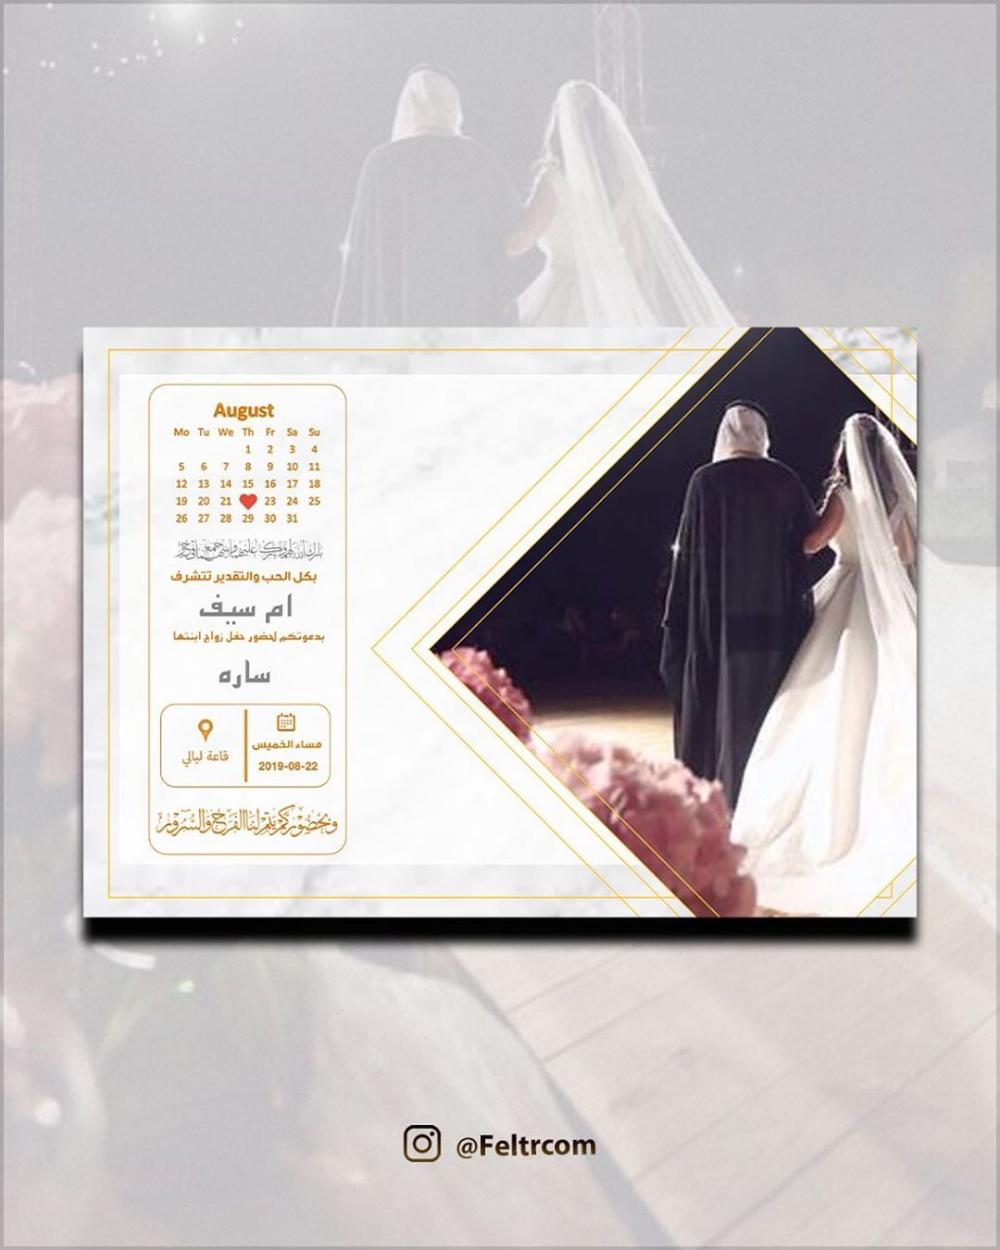 تصميم فلاتر و عدسات سناب On Instagram بطاقة دعوة زواج بطاقة دعوه بطاقة زواج بطاقة تهنئة In 2020 Education Logo Design Pink Background Images Wedding Drawing